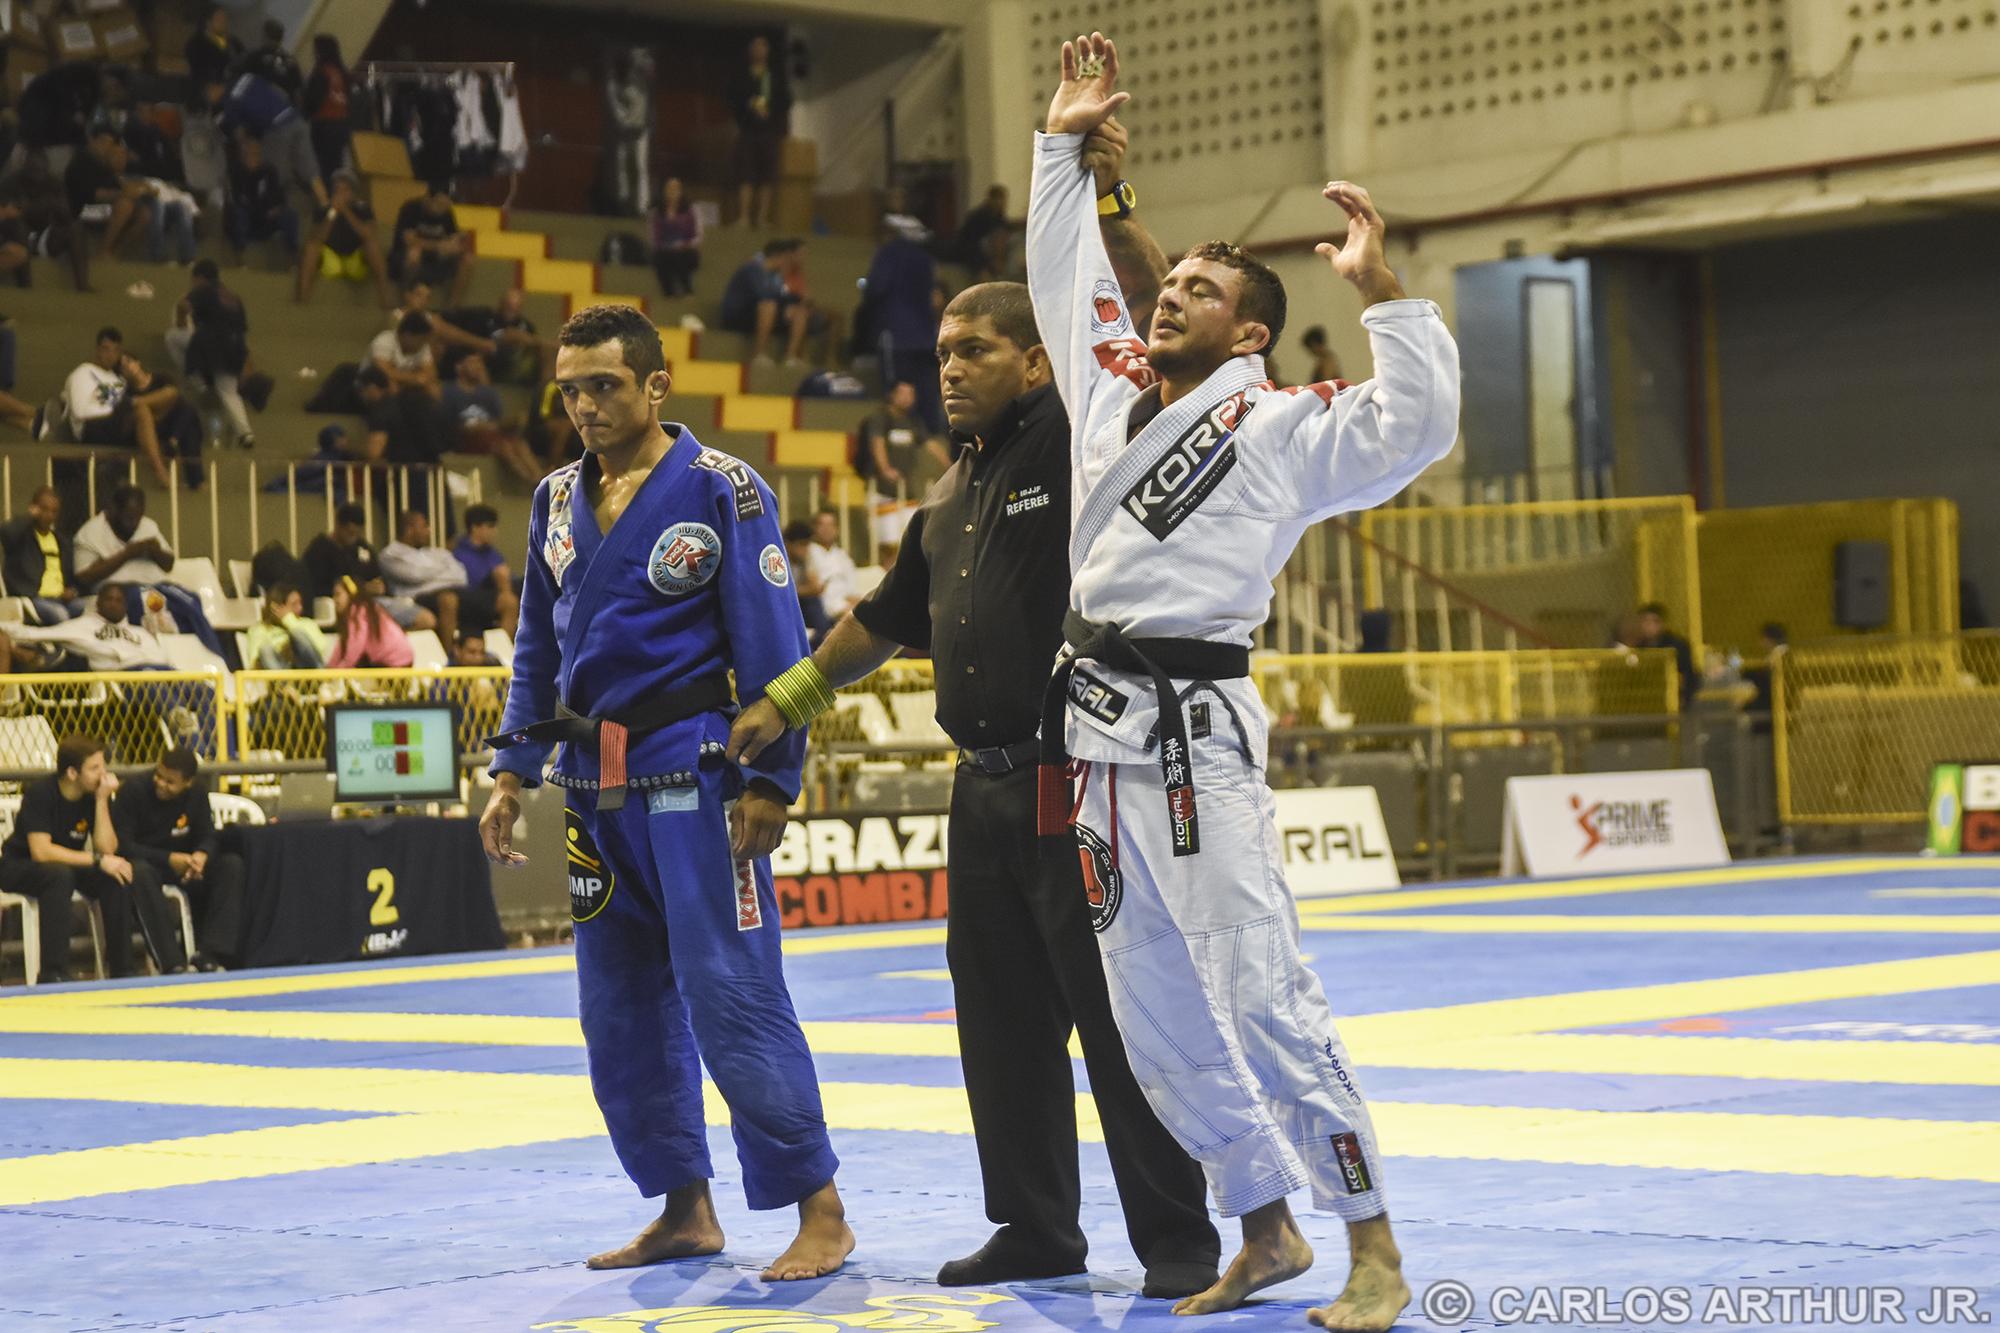 Após finalizar rápido suas primeiras batalhas, Carlos Holanda não teve tempo fácil contra John Lenno na final, mas conseguiu garantir o título com a vitória nos pontos.